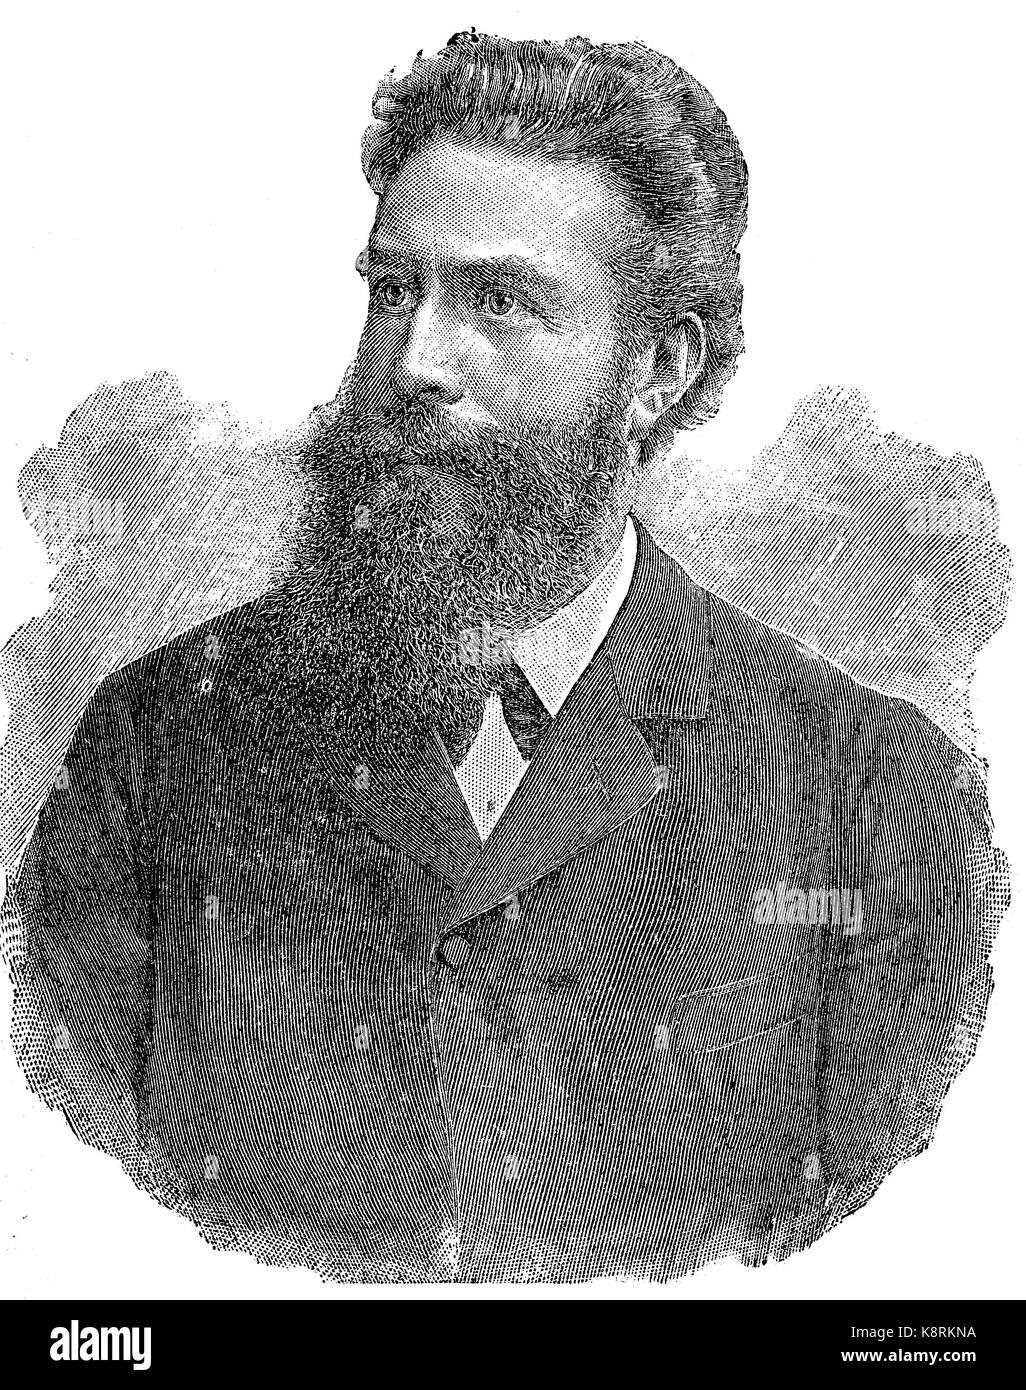 wilhelm conrad roentgen Wilhelm conrad röntgen war ein deutscher physiker und lebte von 1845 bis 1923 lebensdaten, biografie und steckbrief auf geborenam.